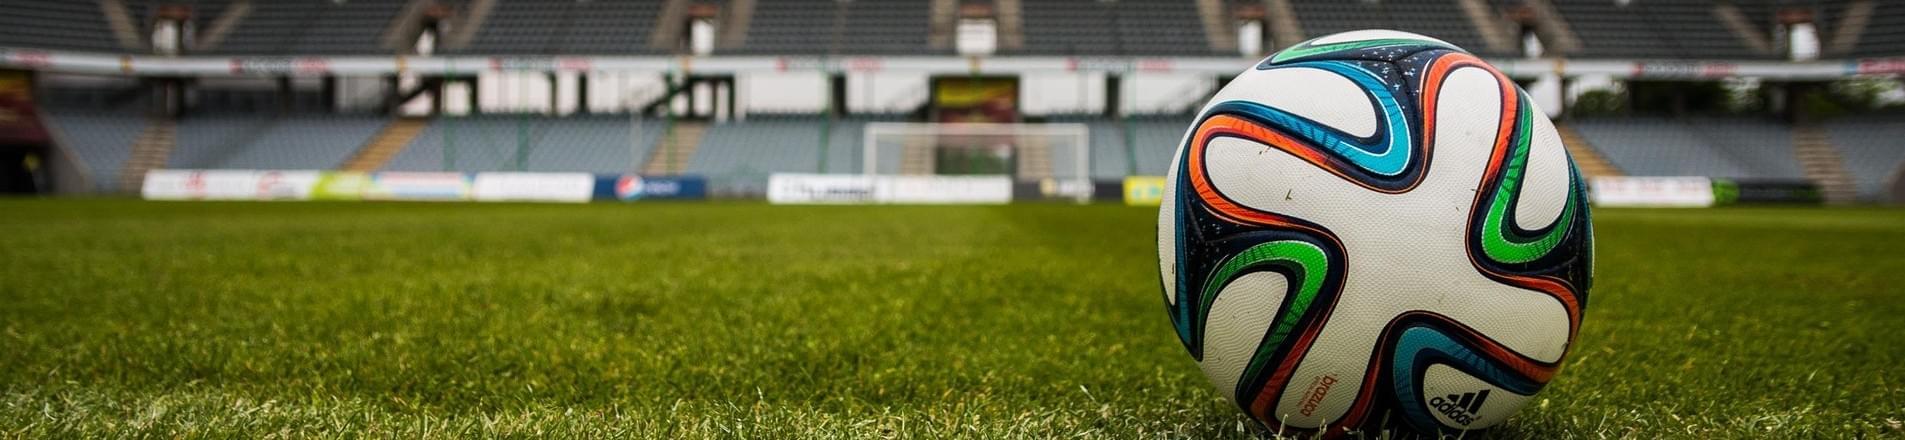 footballer tackles prejudice, discrimination in workplace